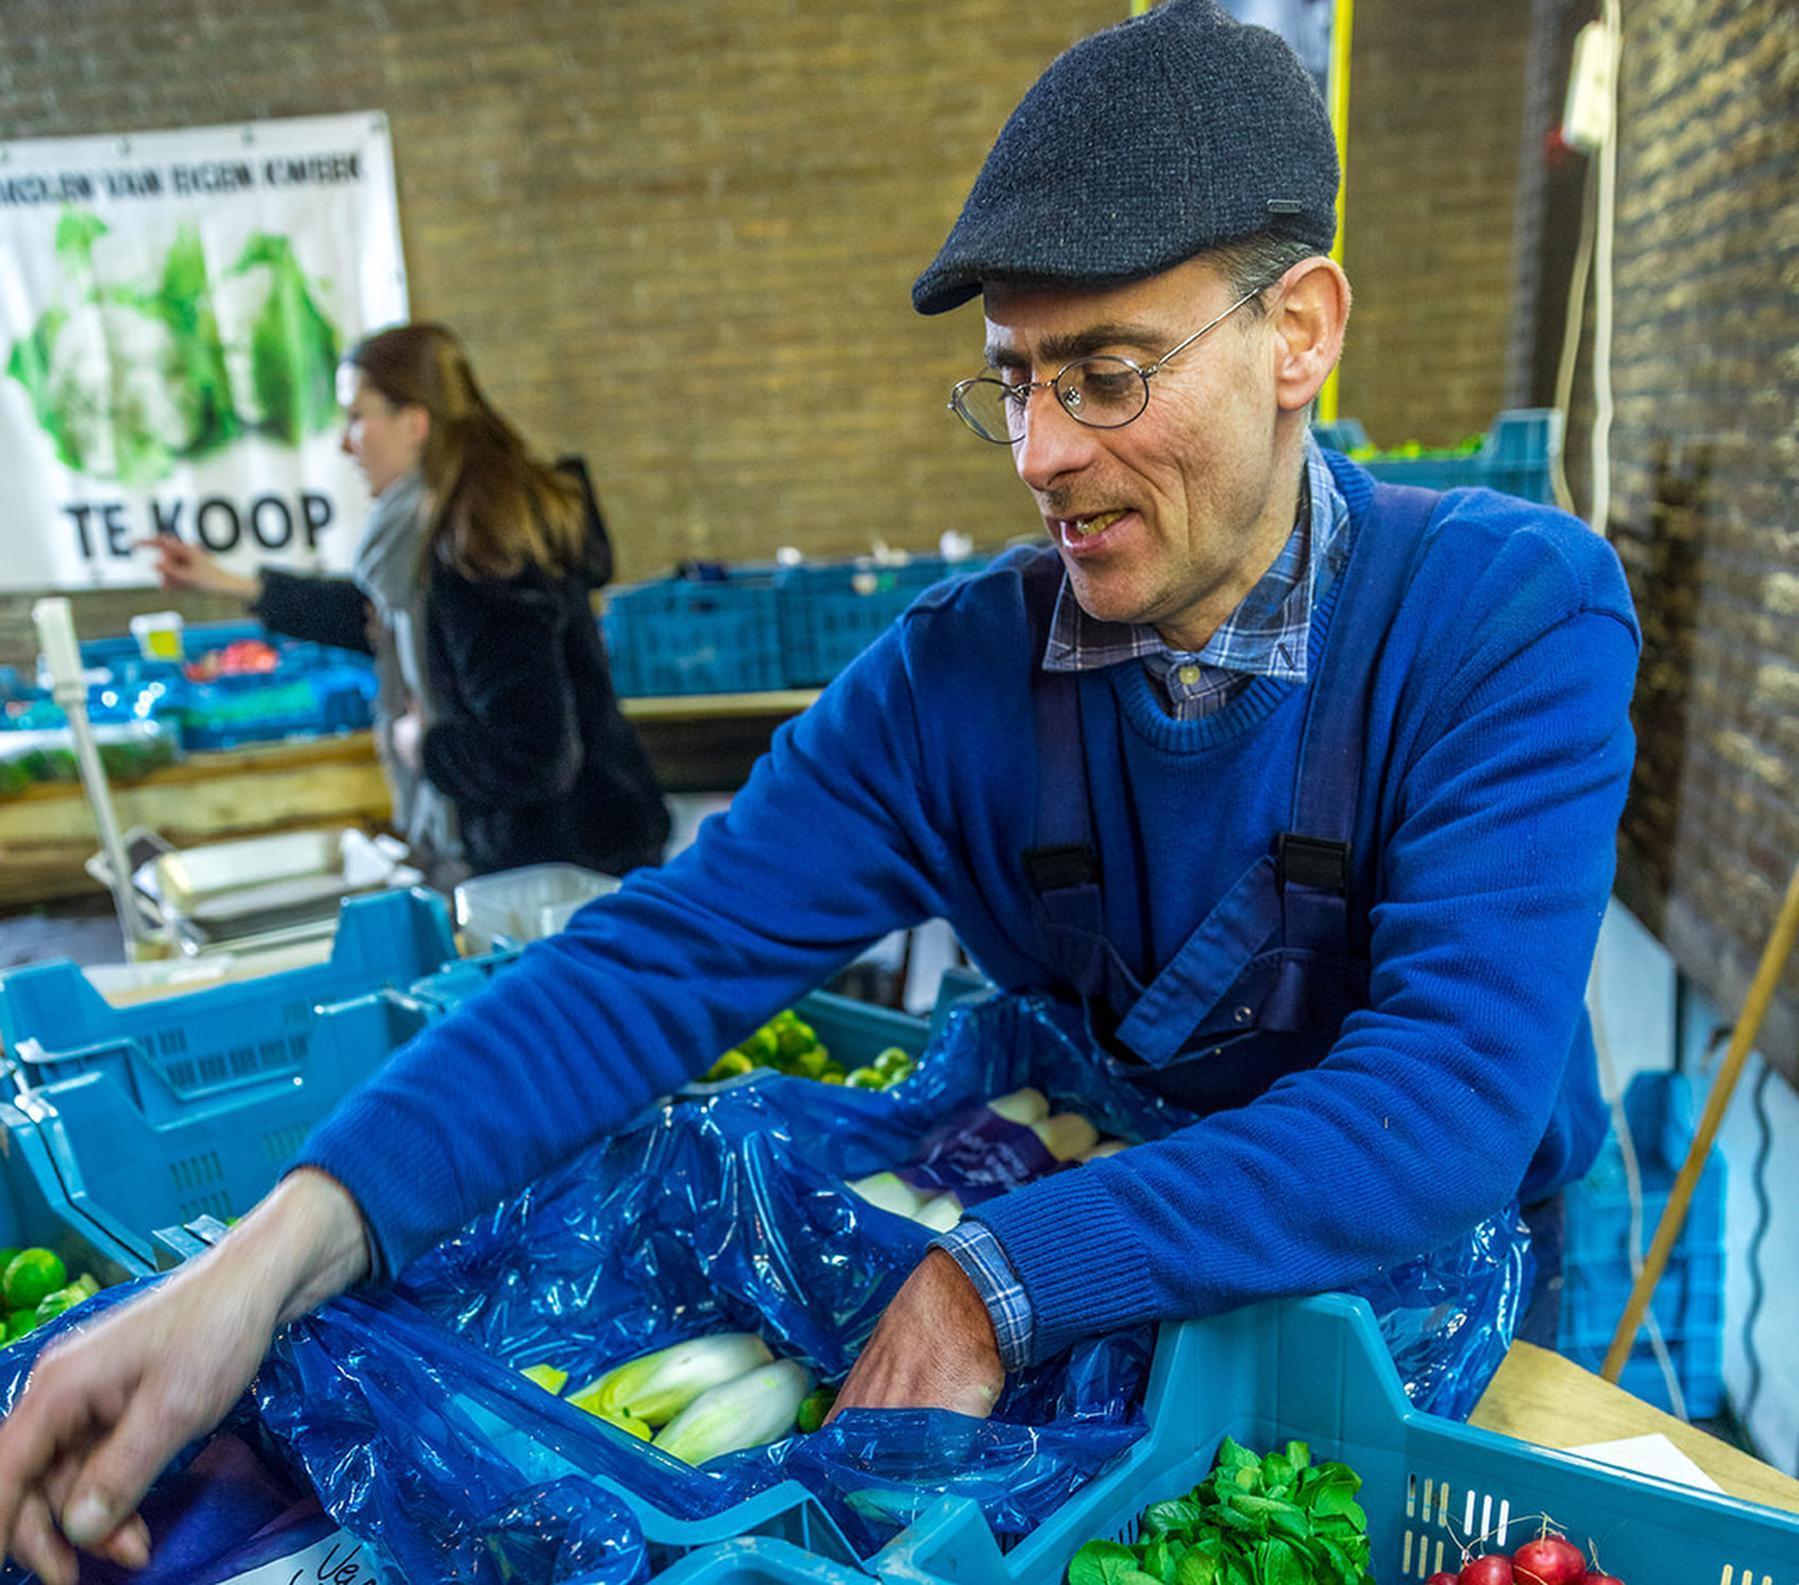 Lokaalmarkt, de wekelijkse indoor boerenmarkt, heropent deze week zijn deuren